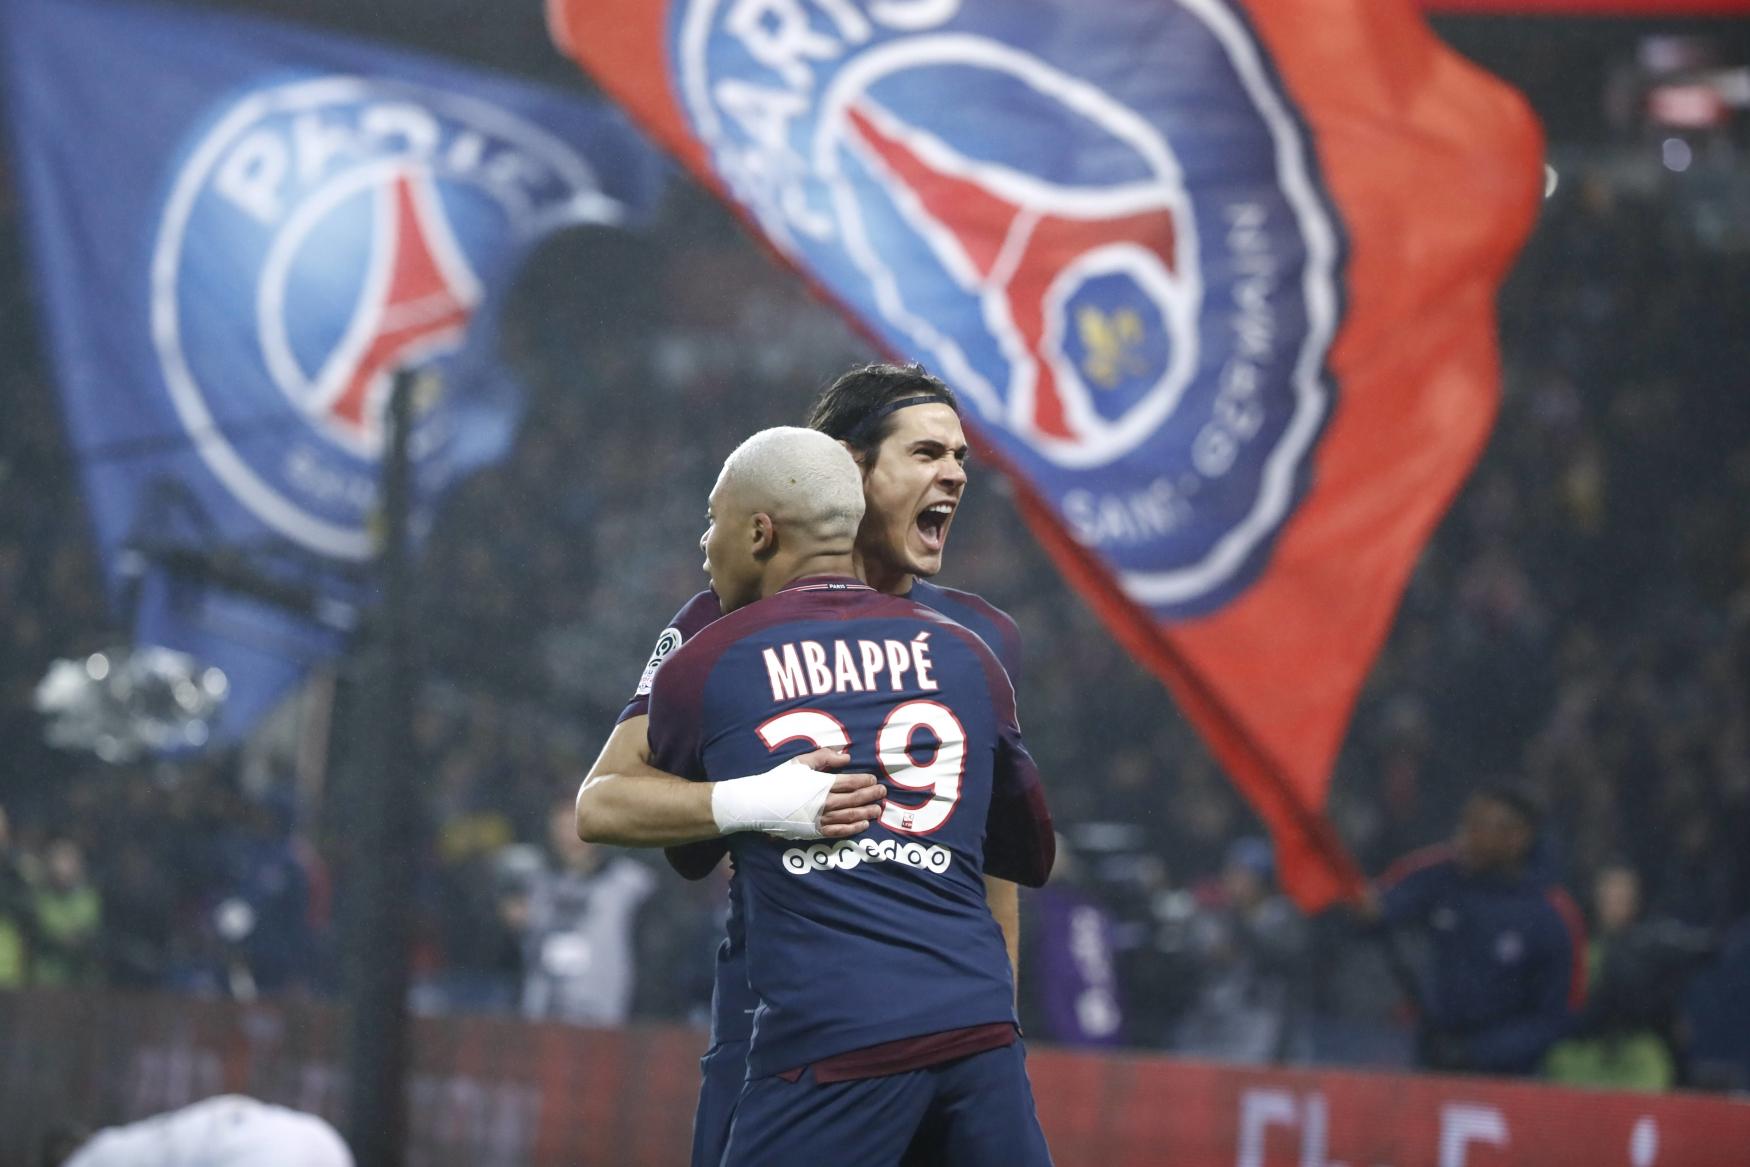 PREVIEW - 7. kolo francouzské Ligue 1